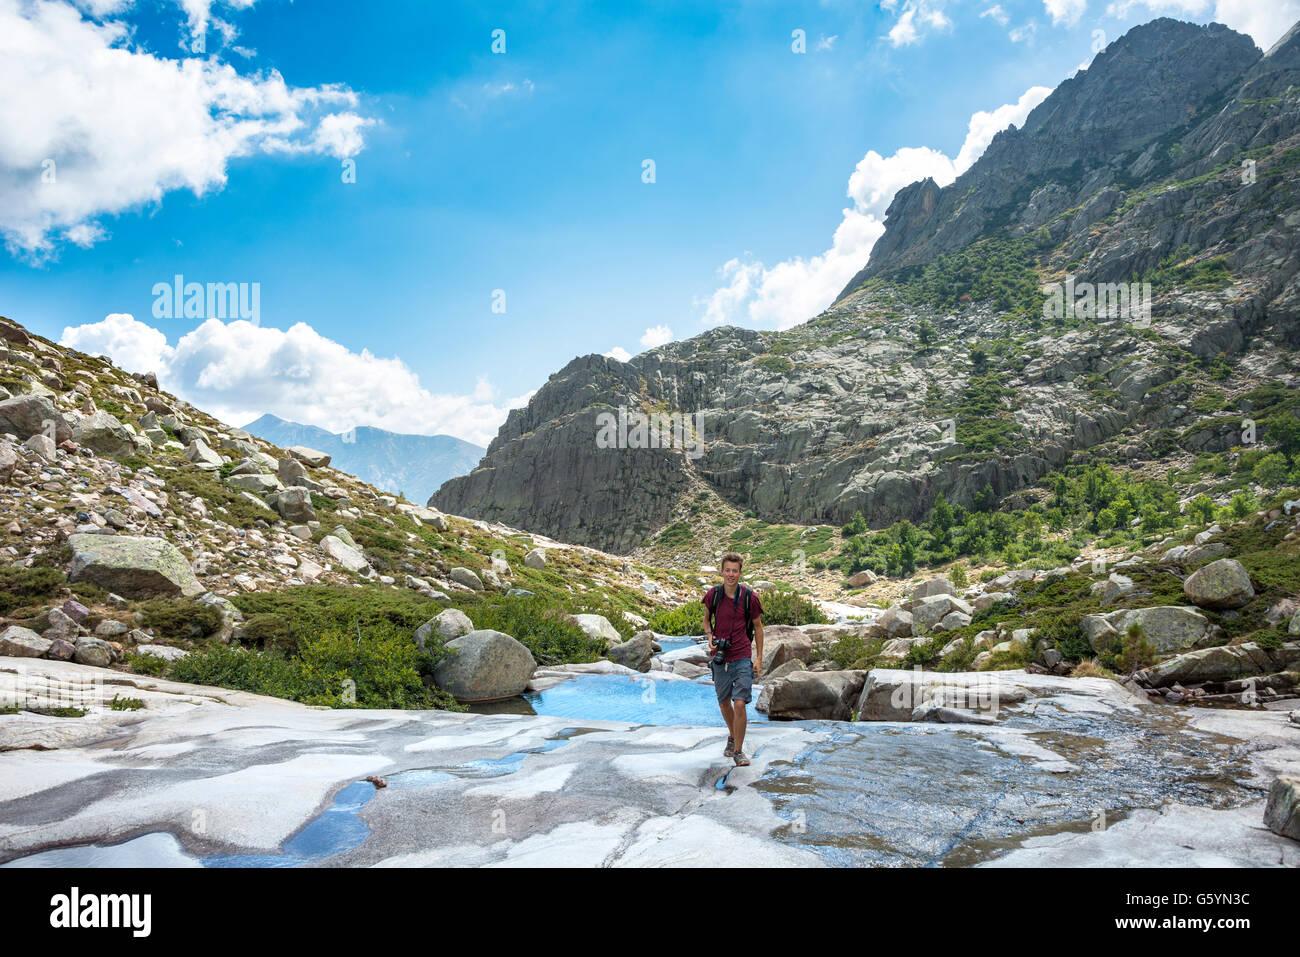 Jeune homme randonnées par la rivière Golo dans la montagne, parc naturel de la Corse, Parc naturel régional de Corse, Corse, France Banque D'Images